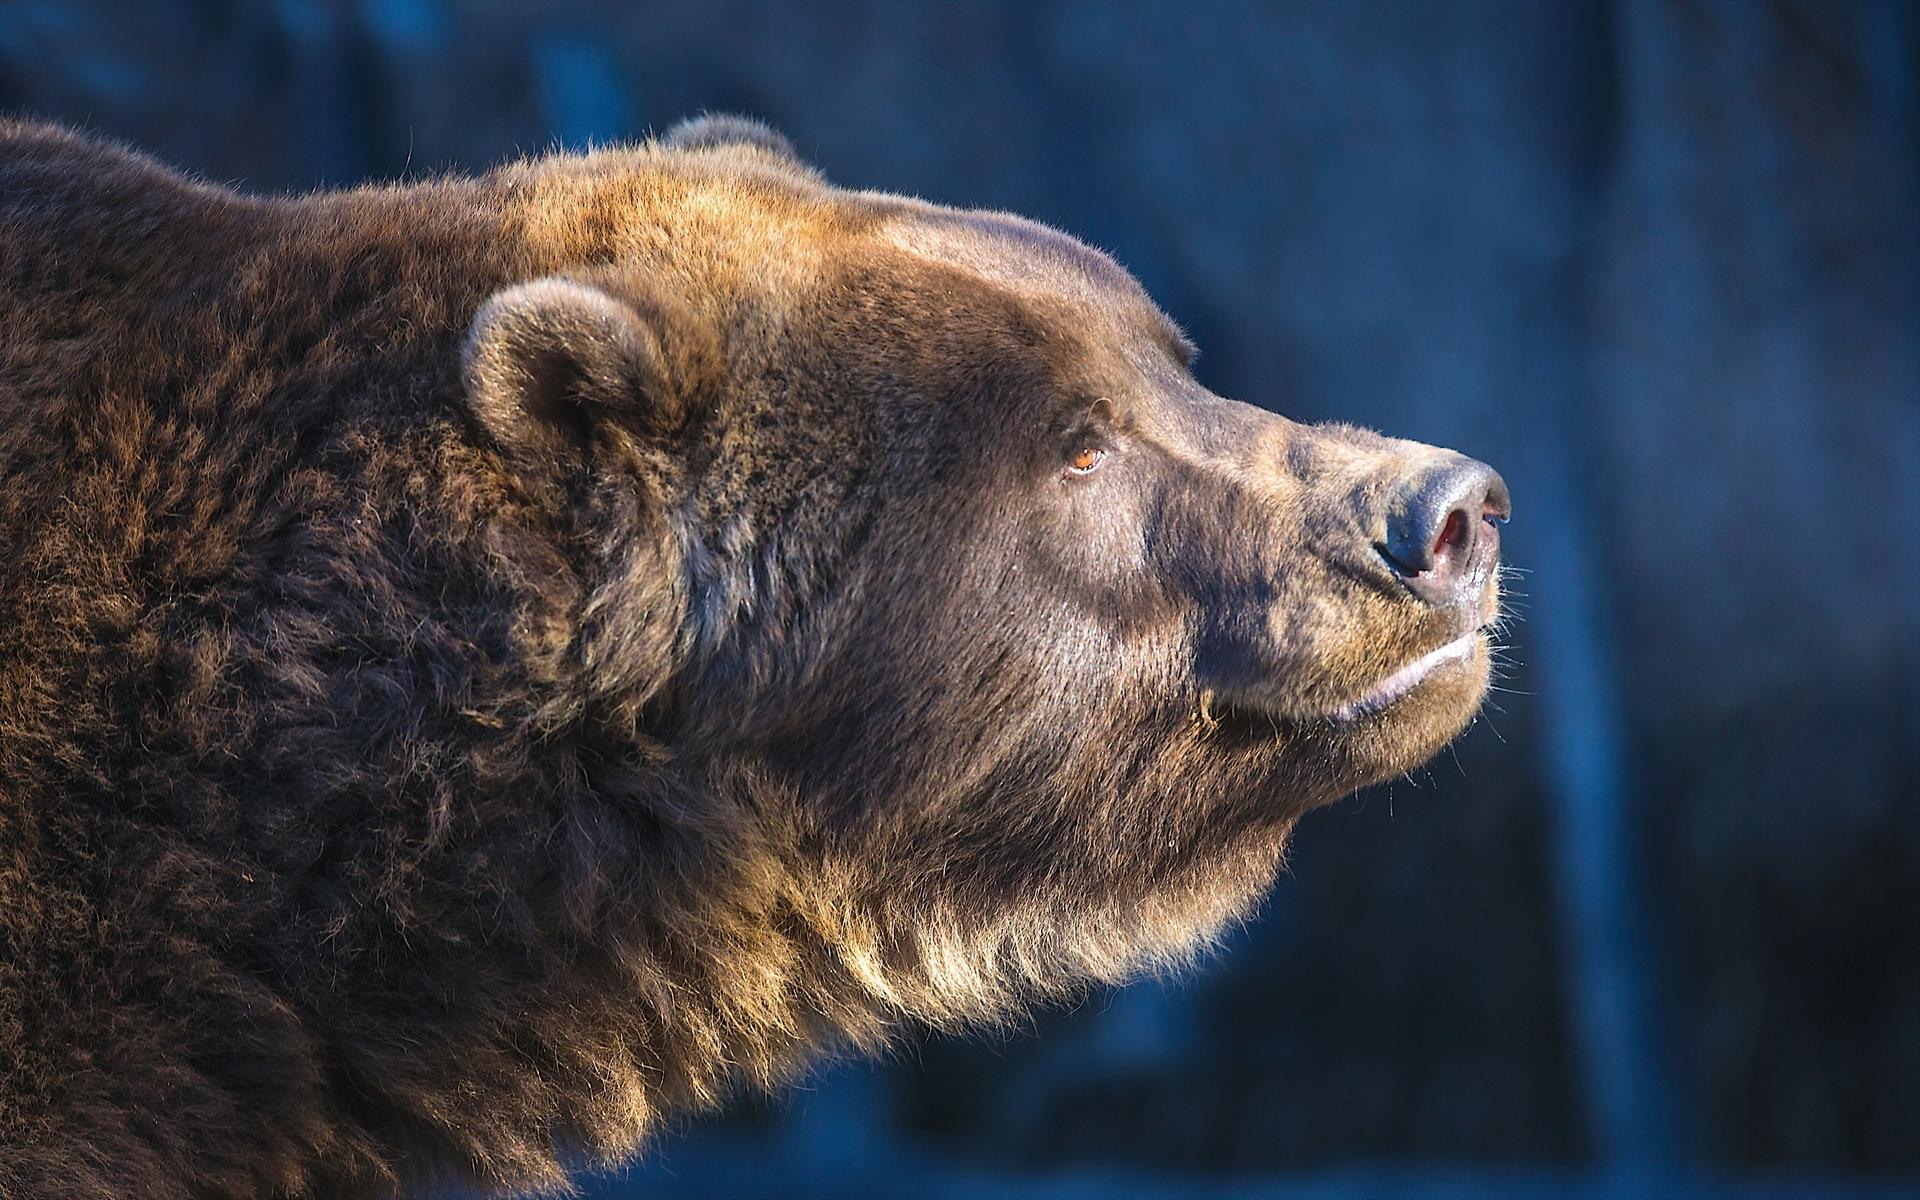 эксплуатация четкие фото медведь бывают очень